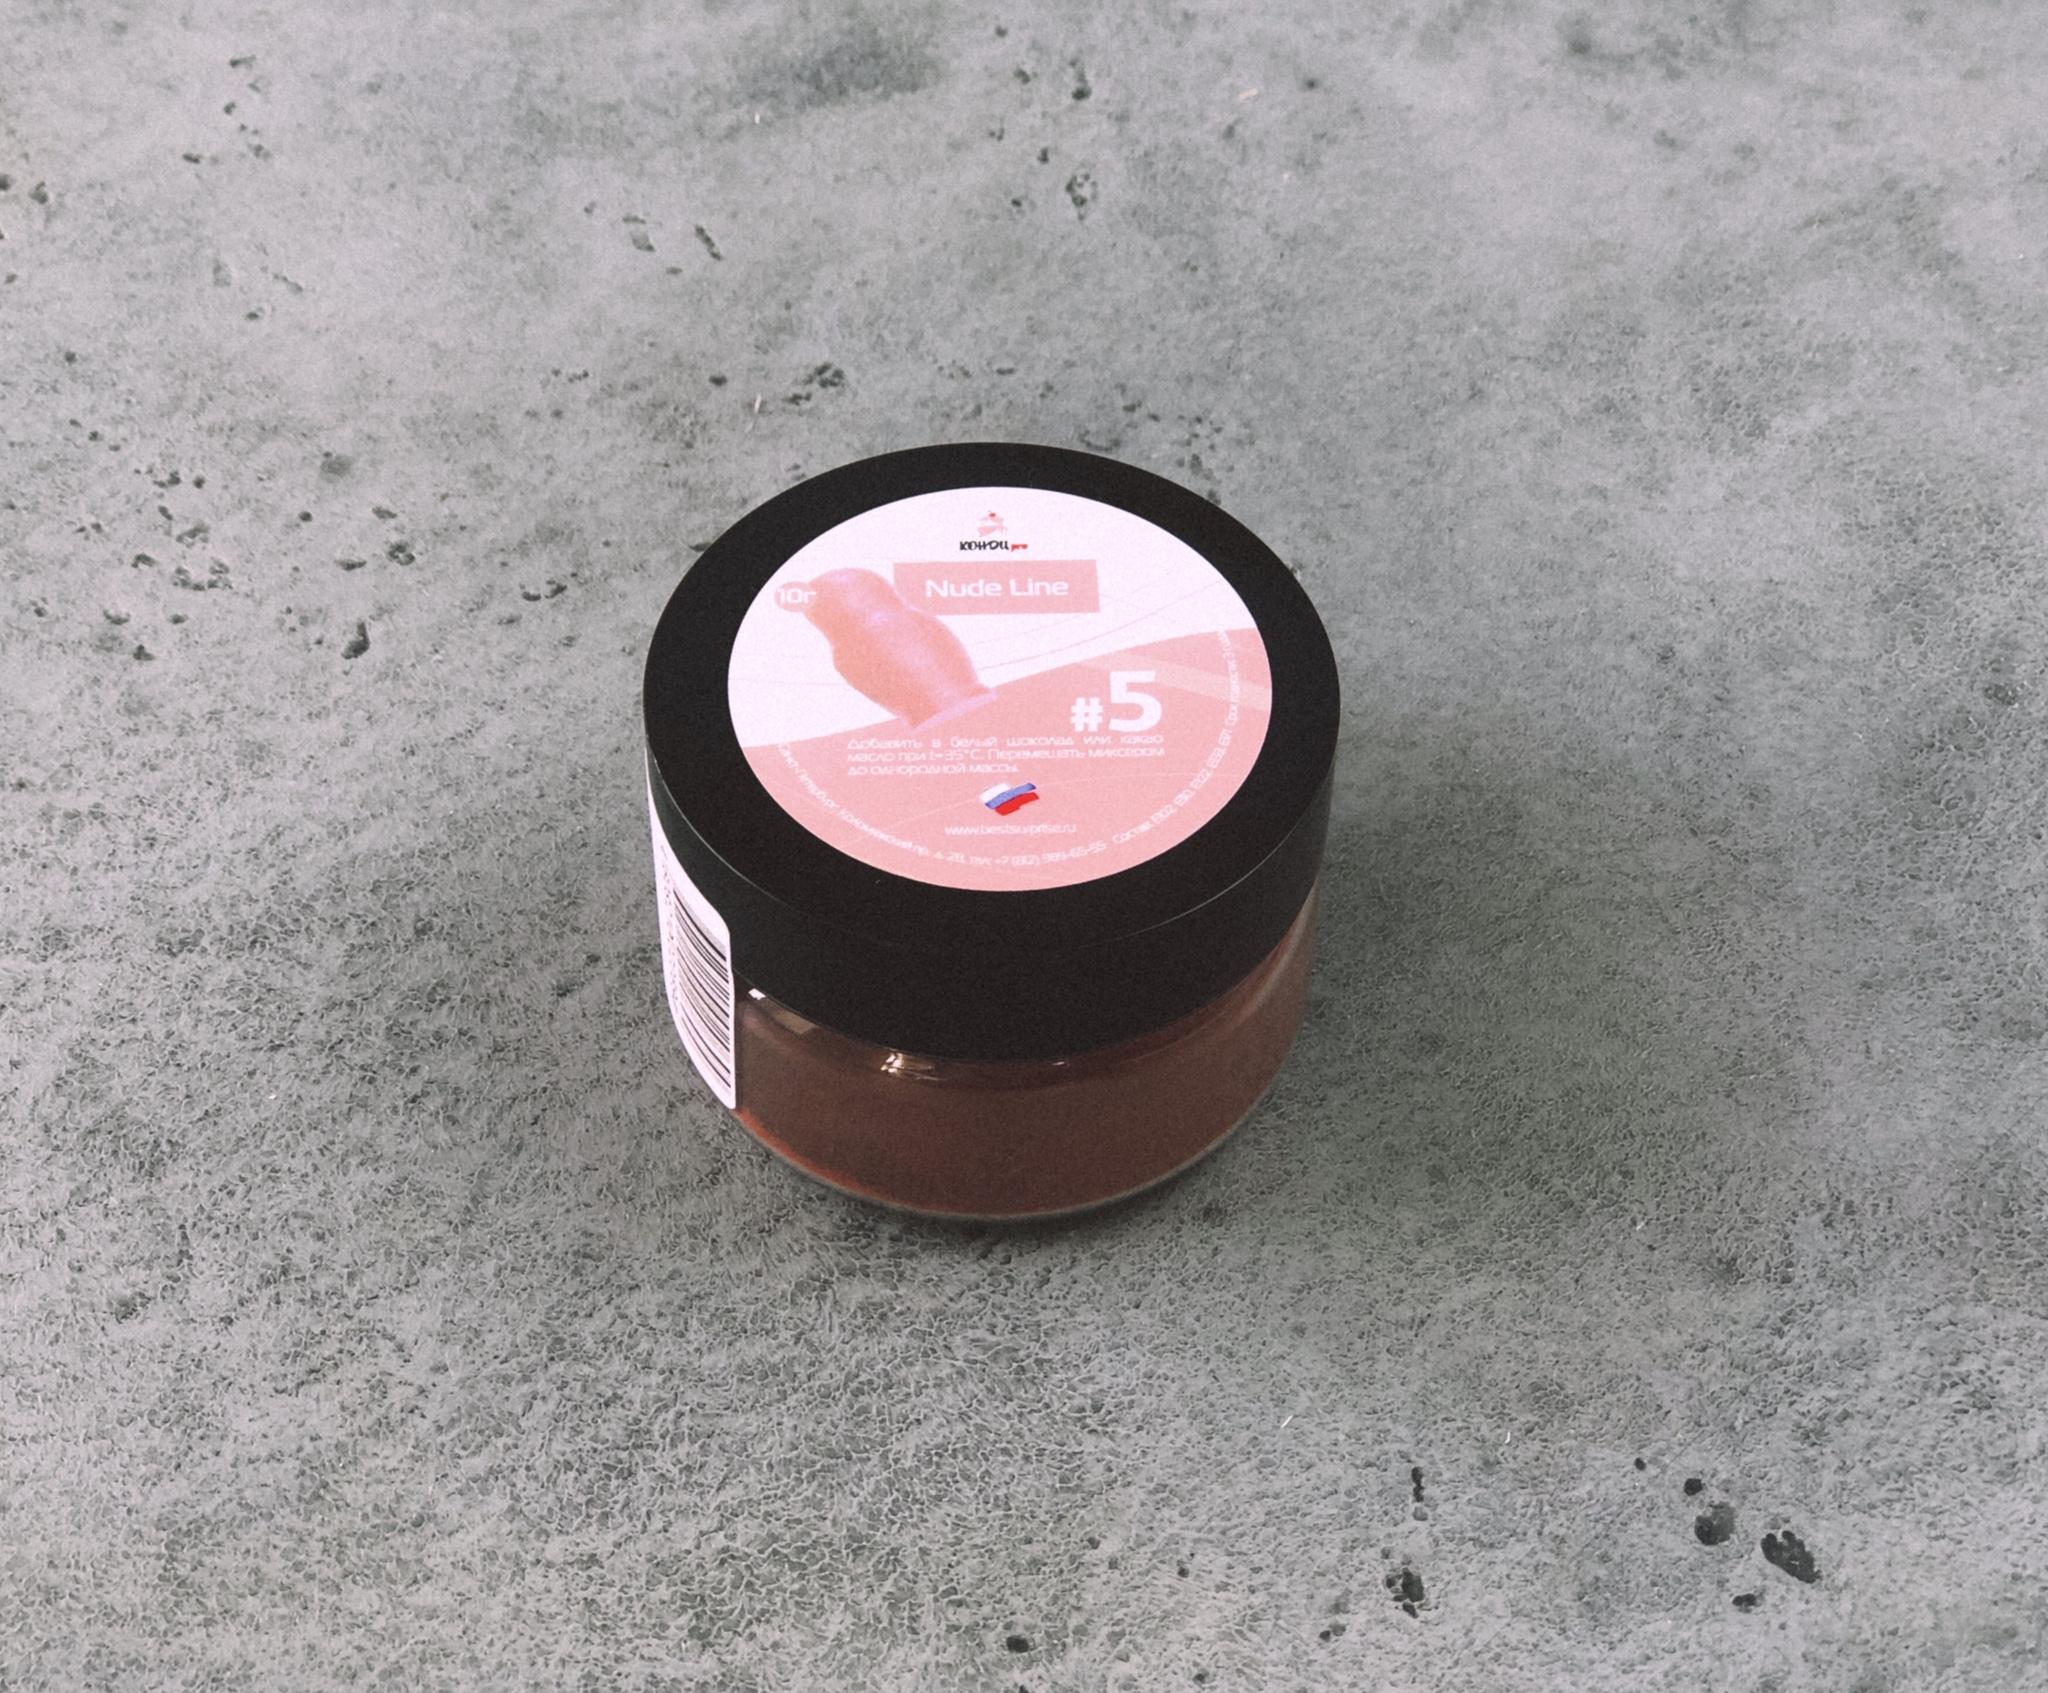 Краситель «Nude line» №5 жирорастворимый, 10 гр